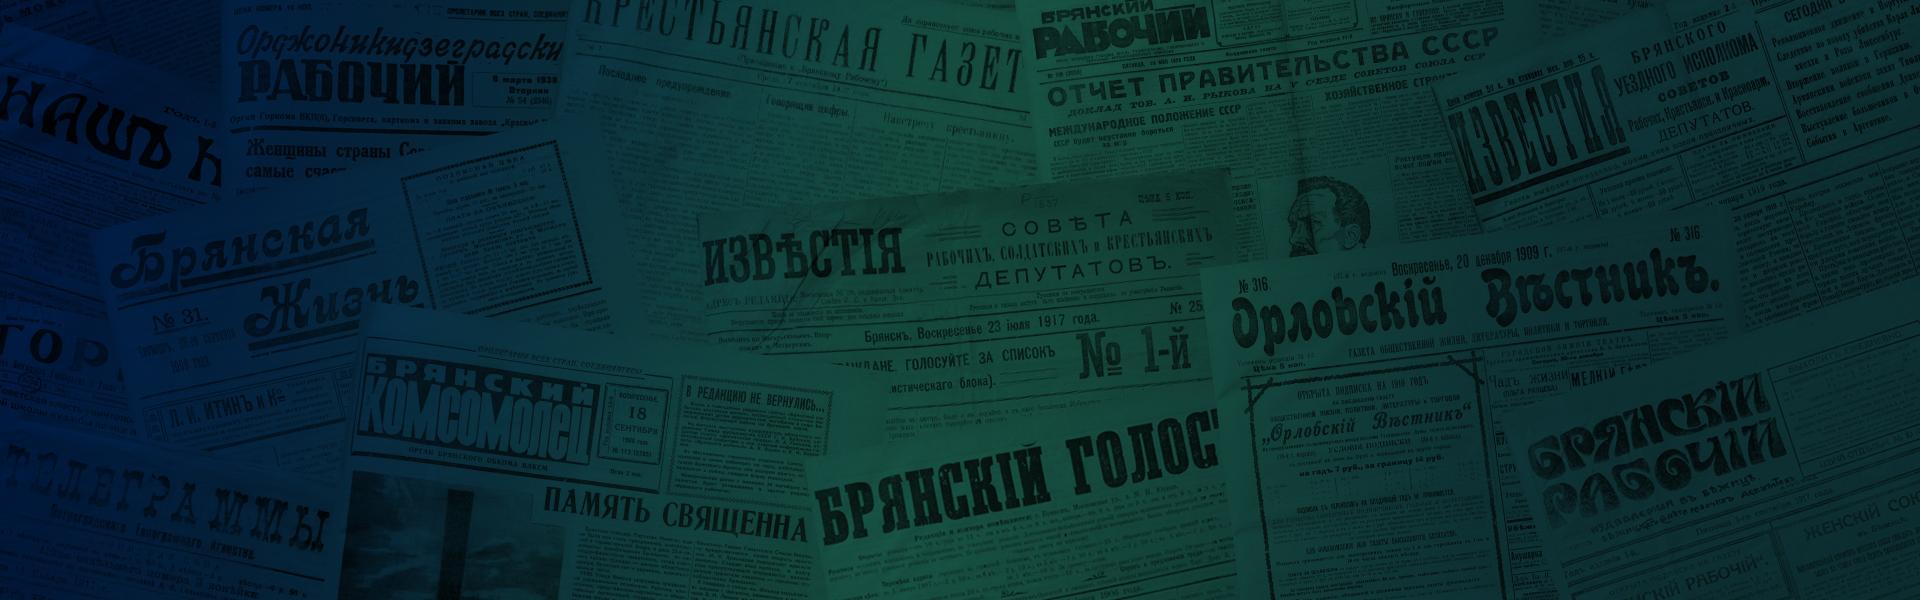 Брянский край на страницах газет и журналов XIX-XX вв.